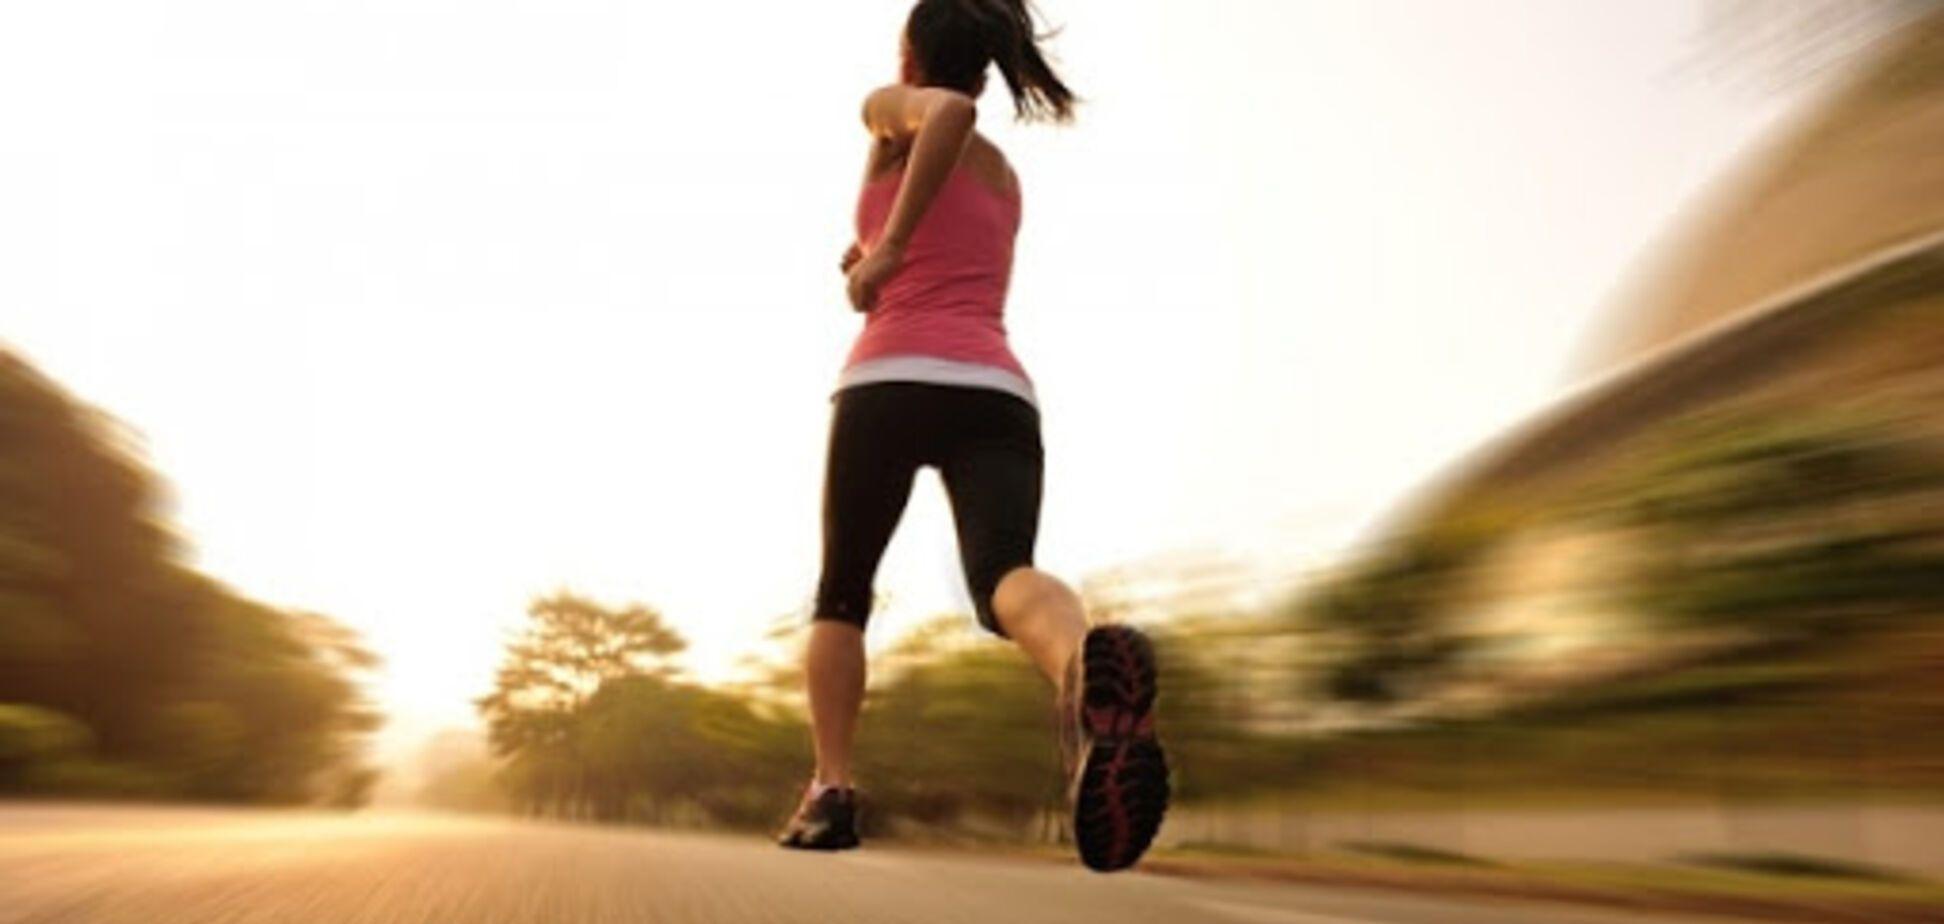 Зайва вага та малорухливий спосіб життя призводять до важких хвороб і передчасної старості